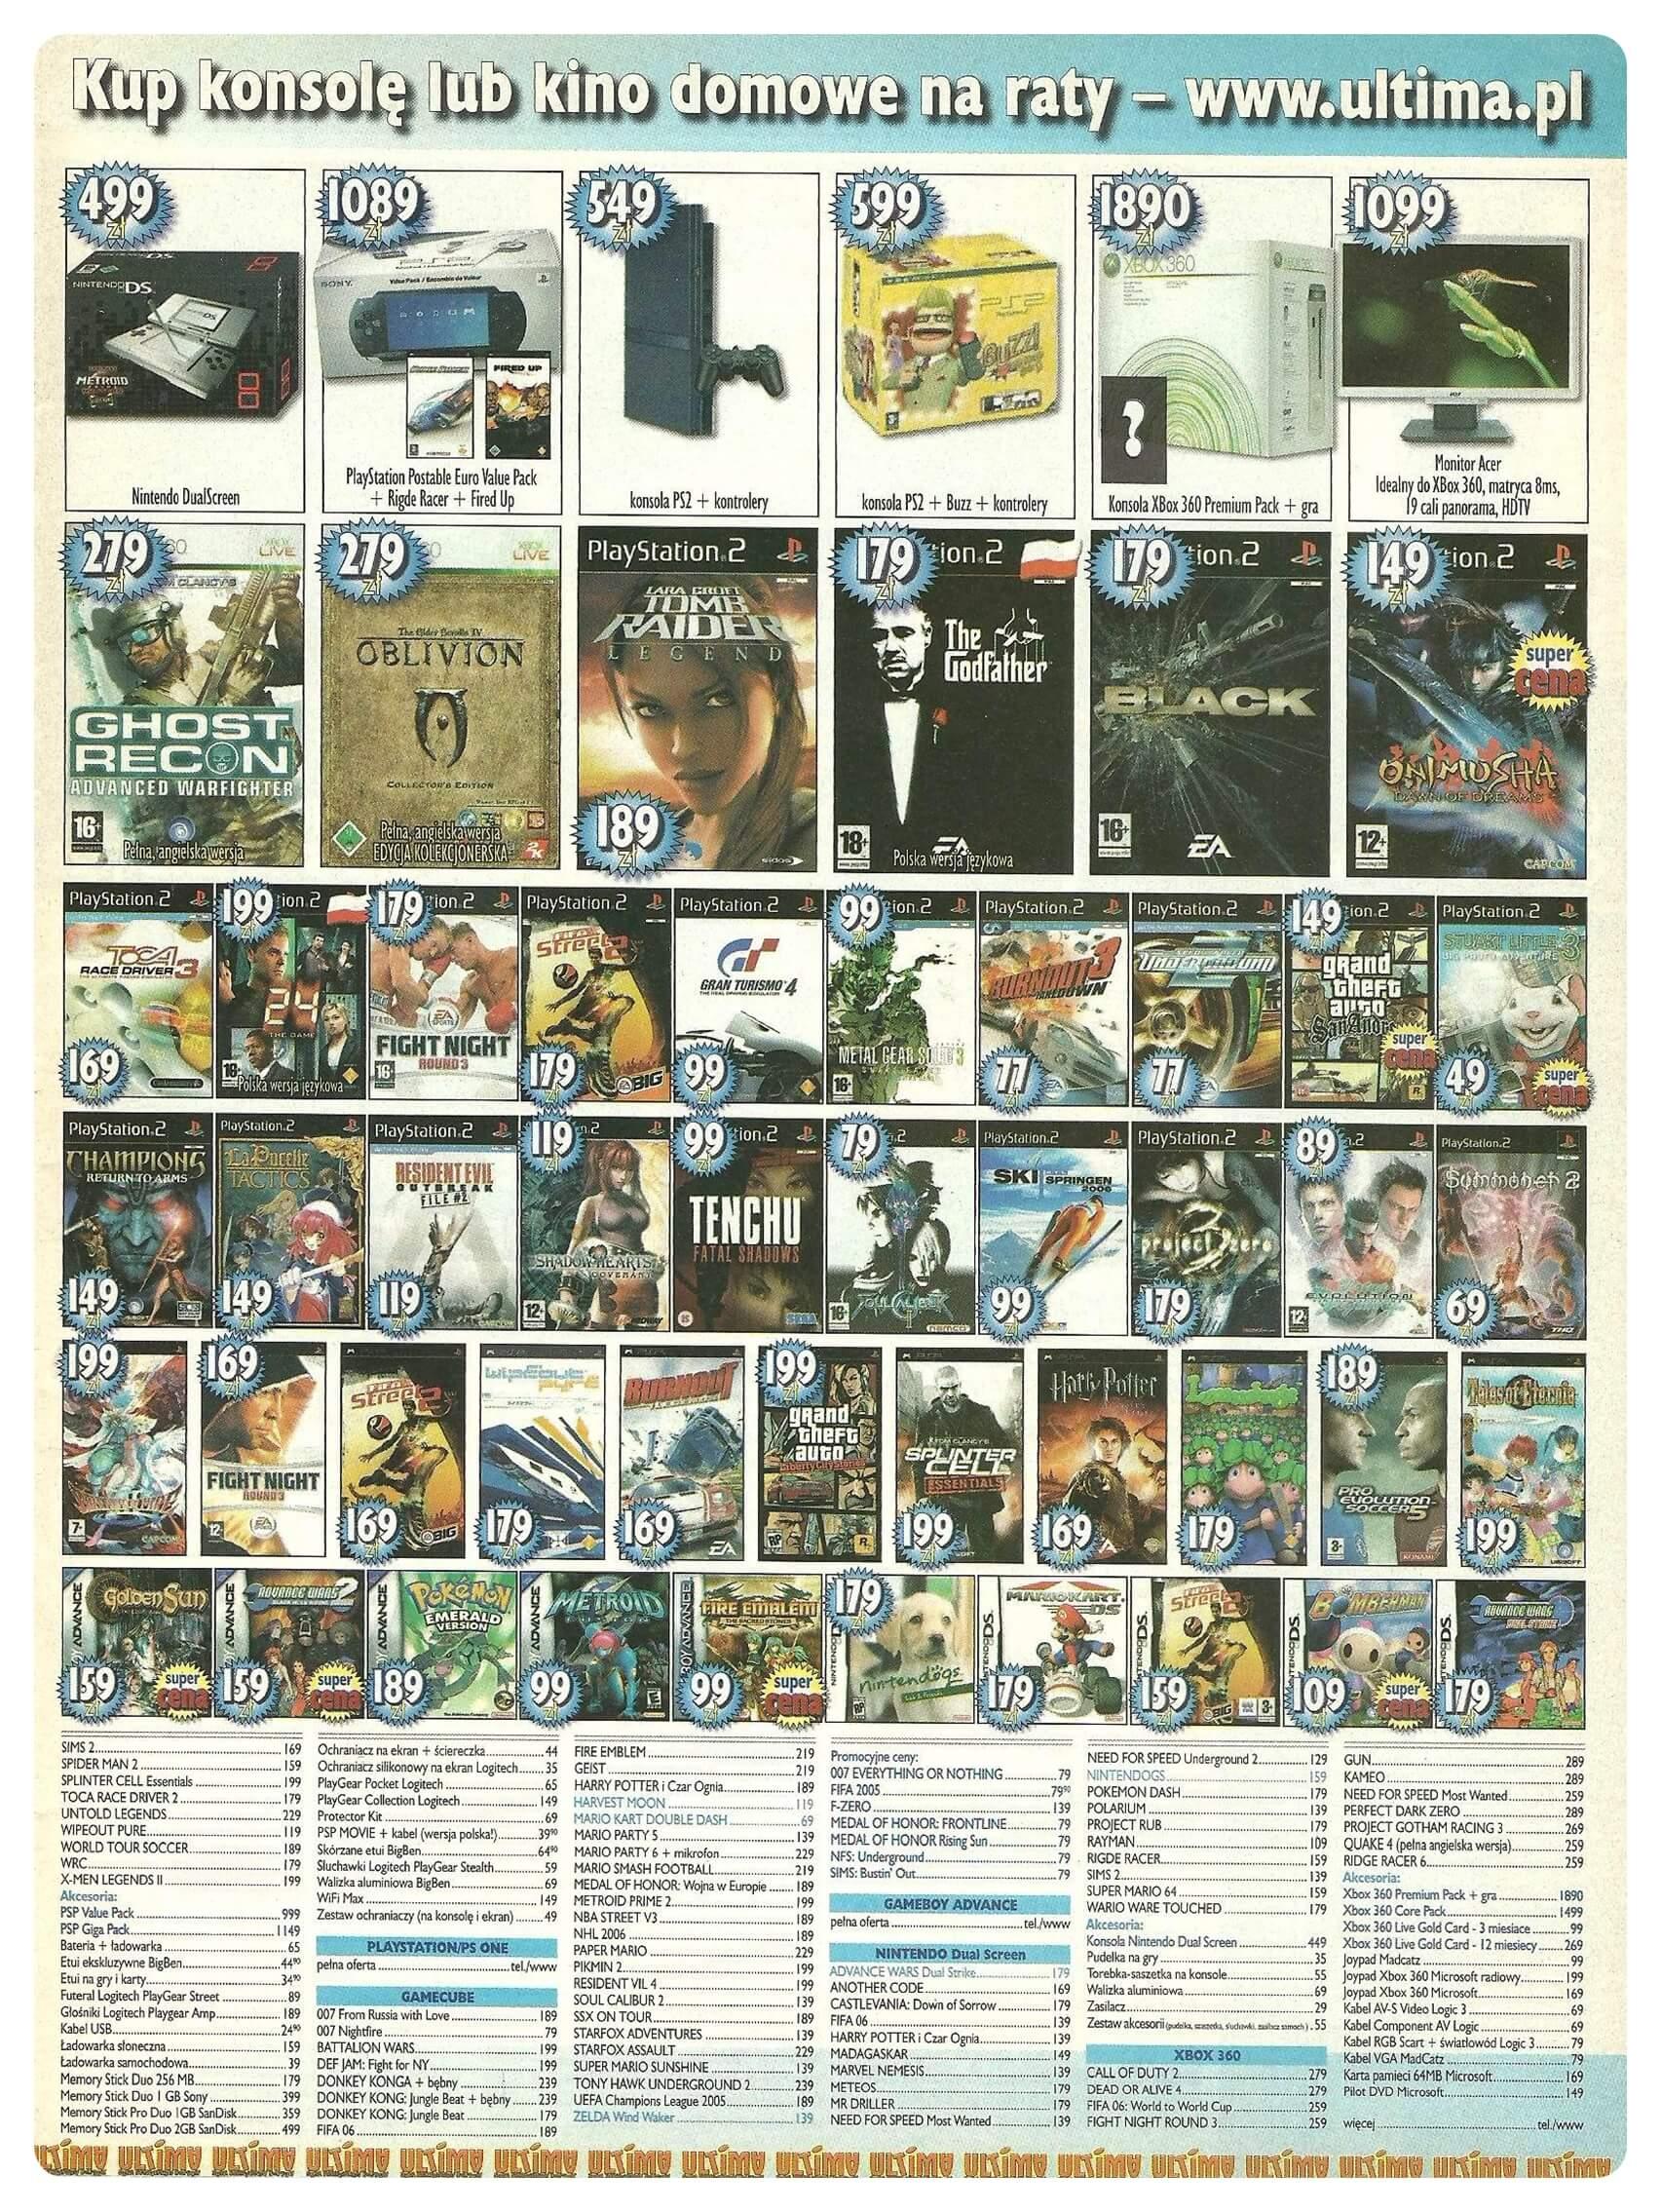 Neo Plus nr 087 20063q4 - Jak wyglądały ceny różnych konsol w Polsce w latach 1996-2006?